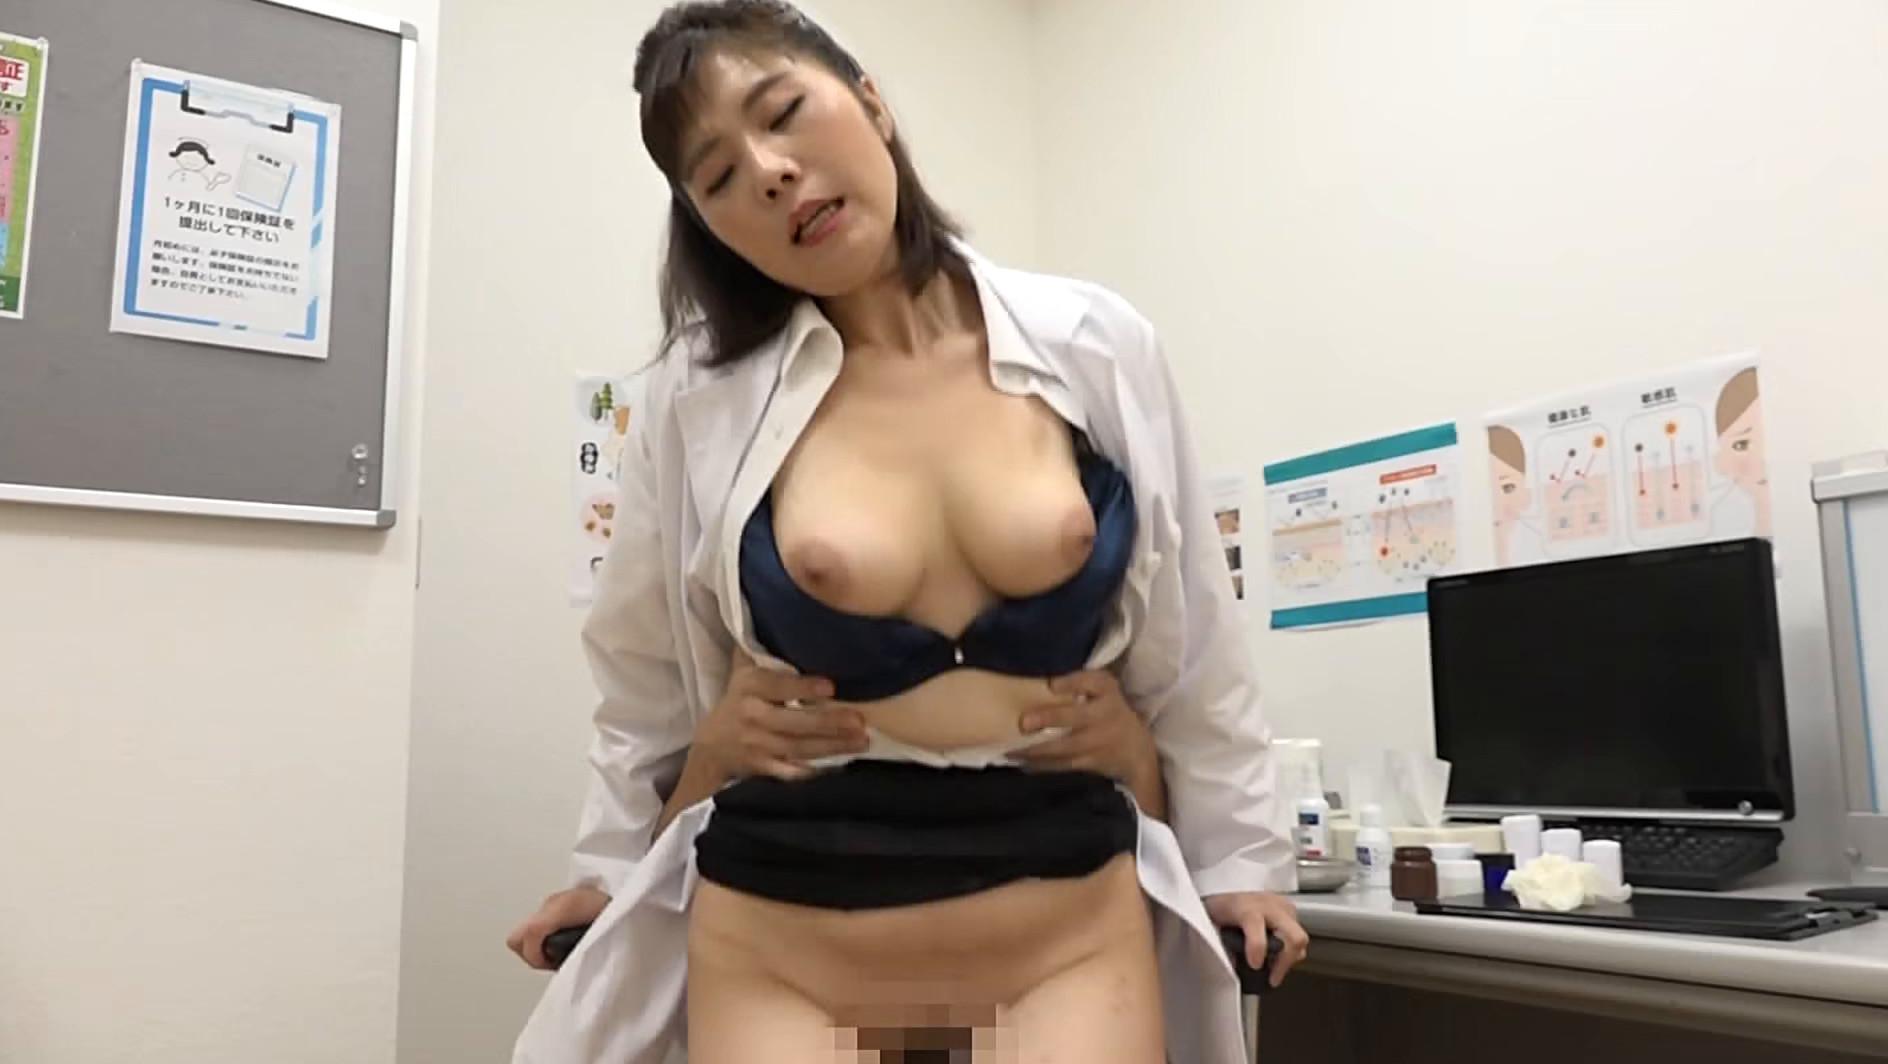 美人の先生がいる皮膚科に行って腫れたチンコを診てもらう流れでヌイてもらいたい総集編(3) 画像18